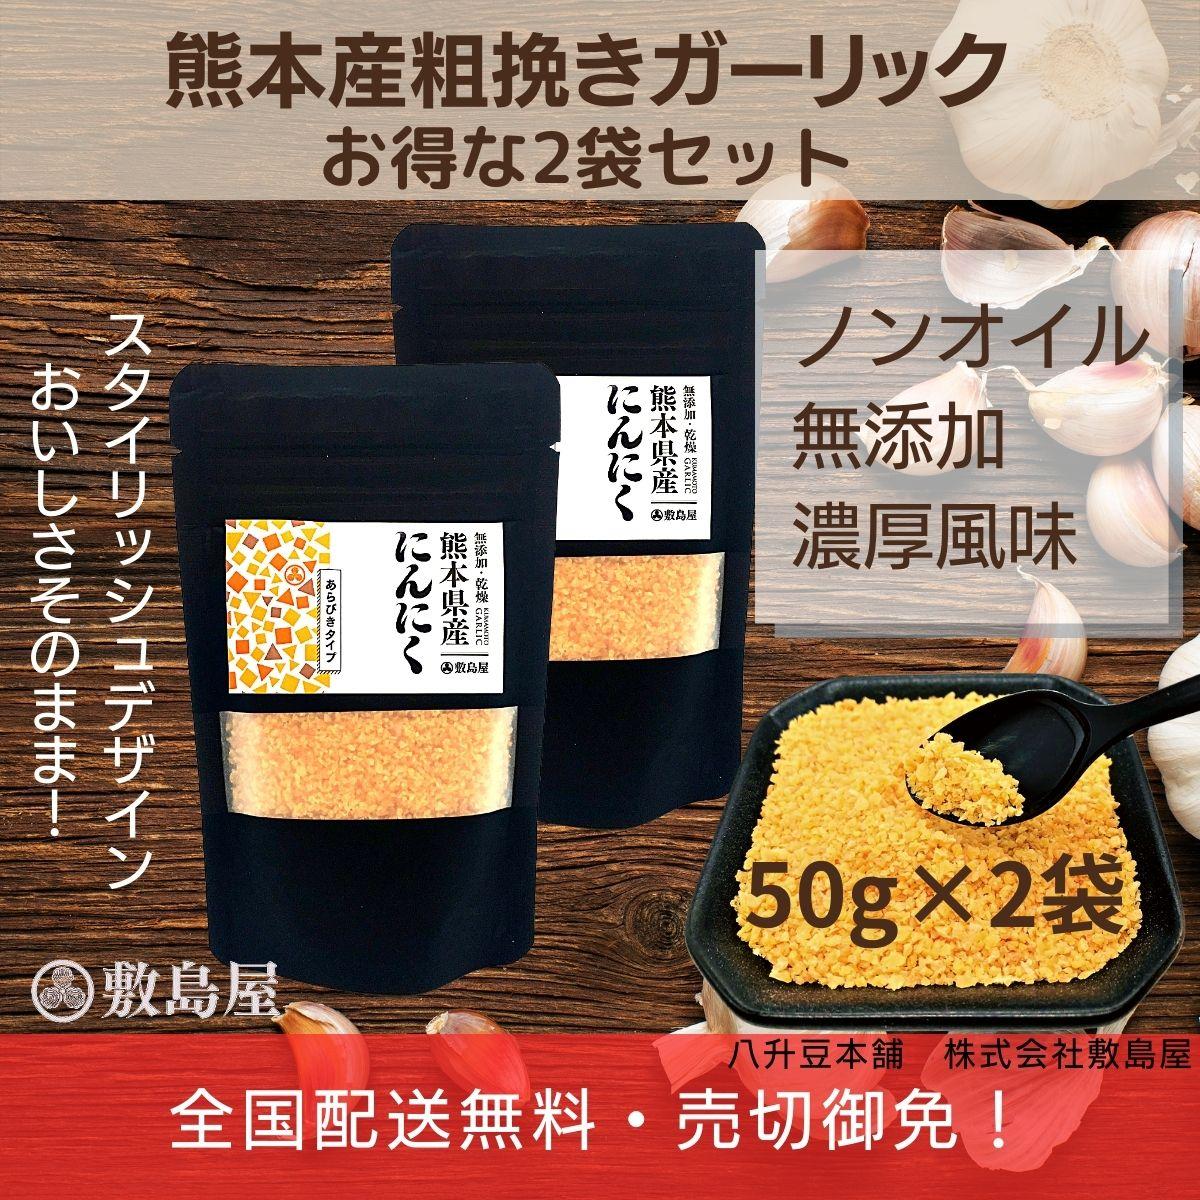 乾燥にんにく 粗挽き粉末タイプ 粗挽きガーリック 熊本県産 無添加ニンニク100%使用 お得な2袋セット(50g×2袋)